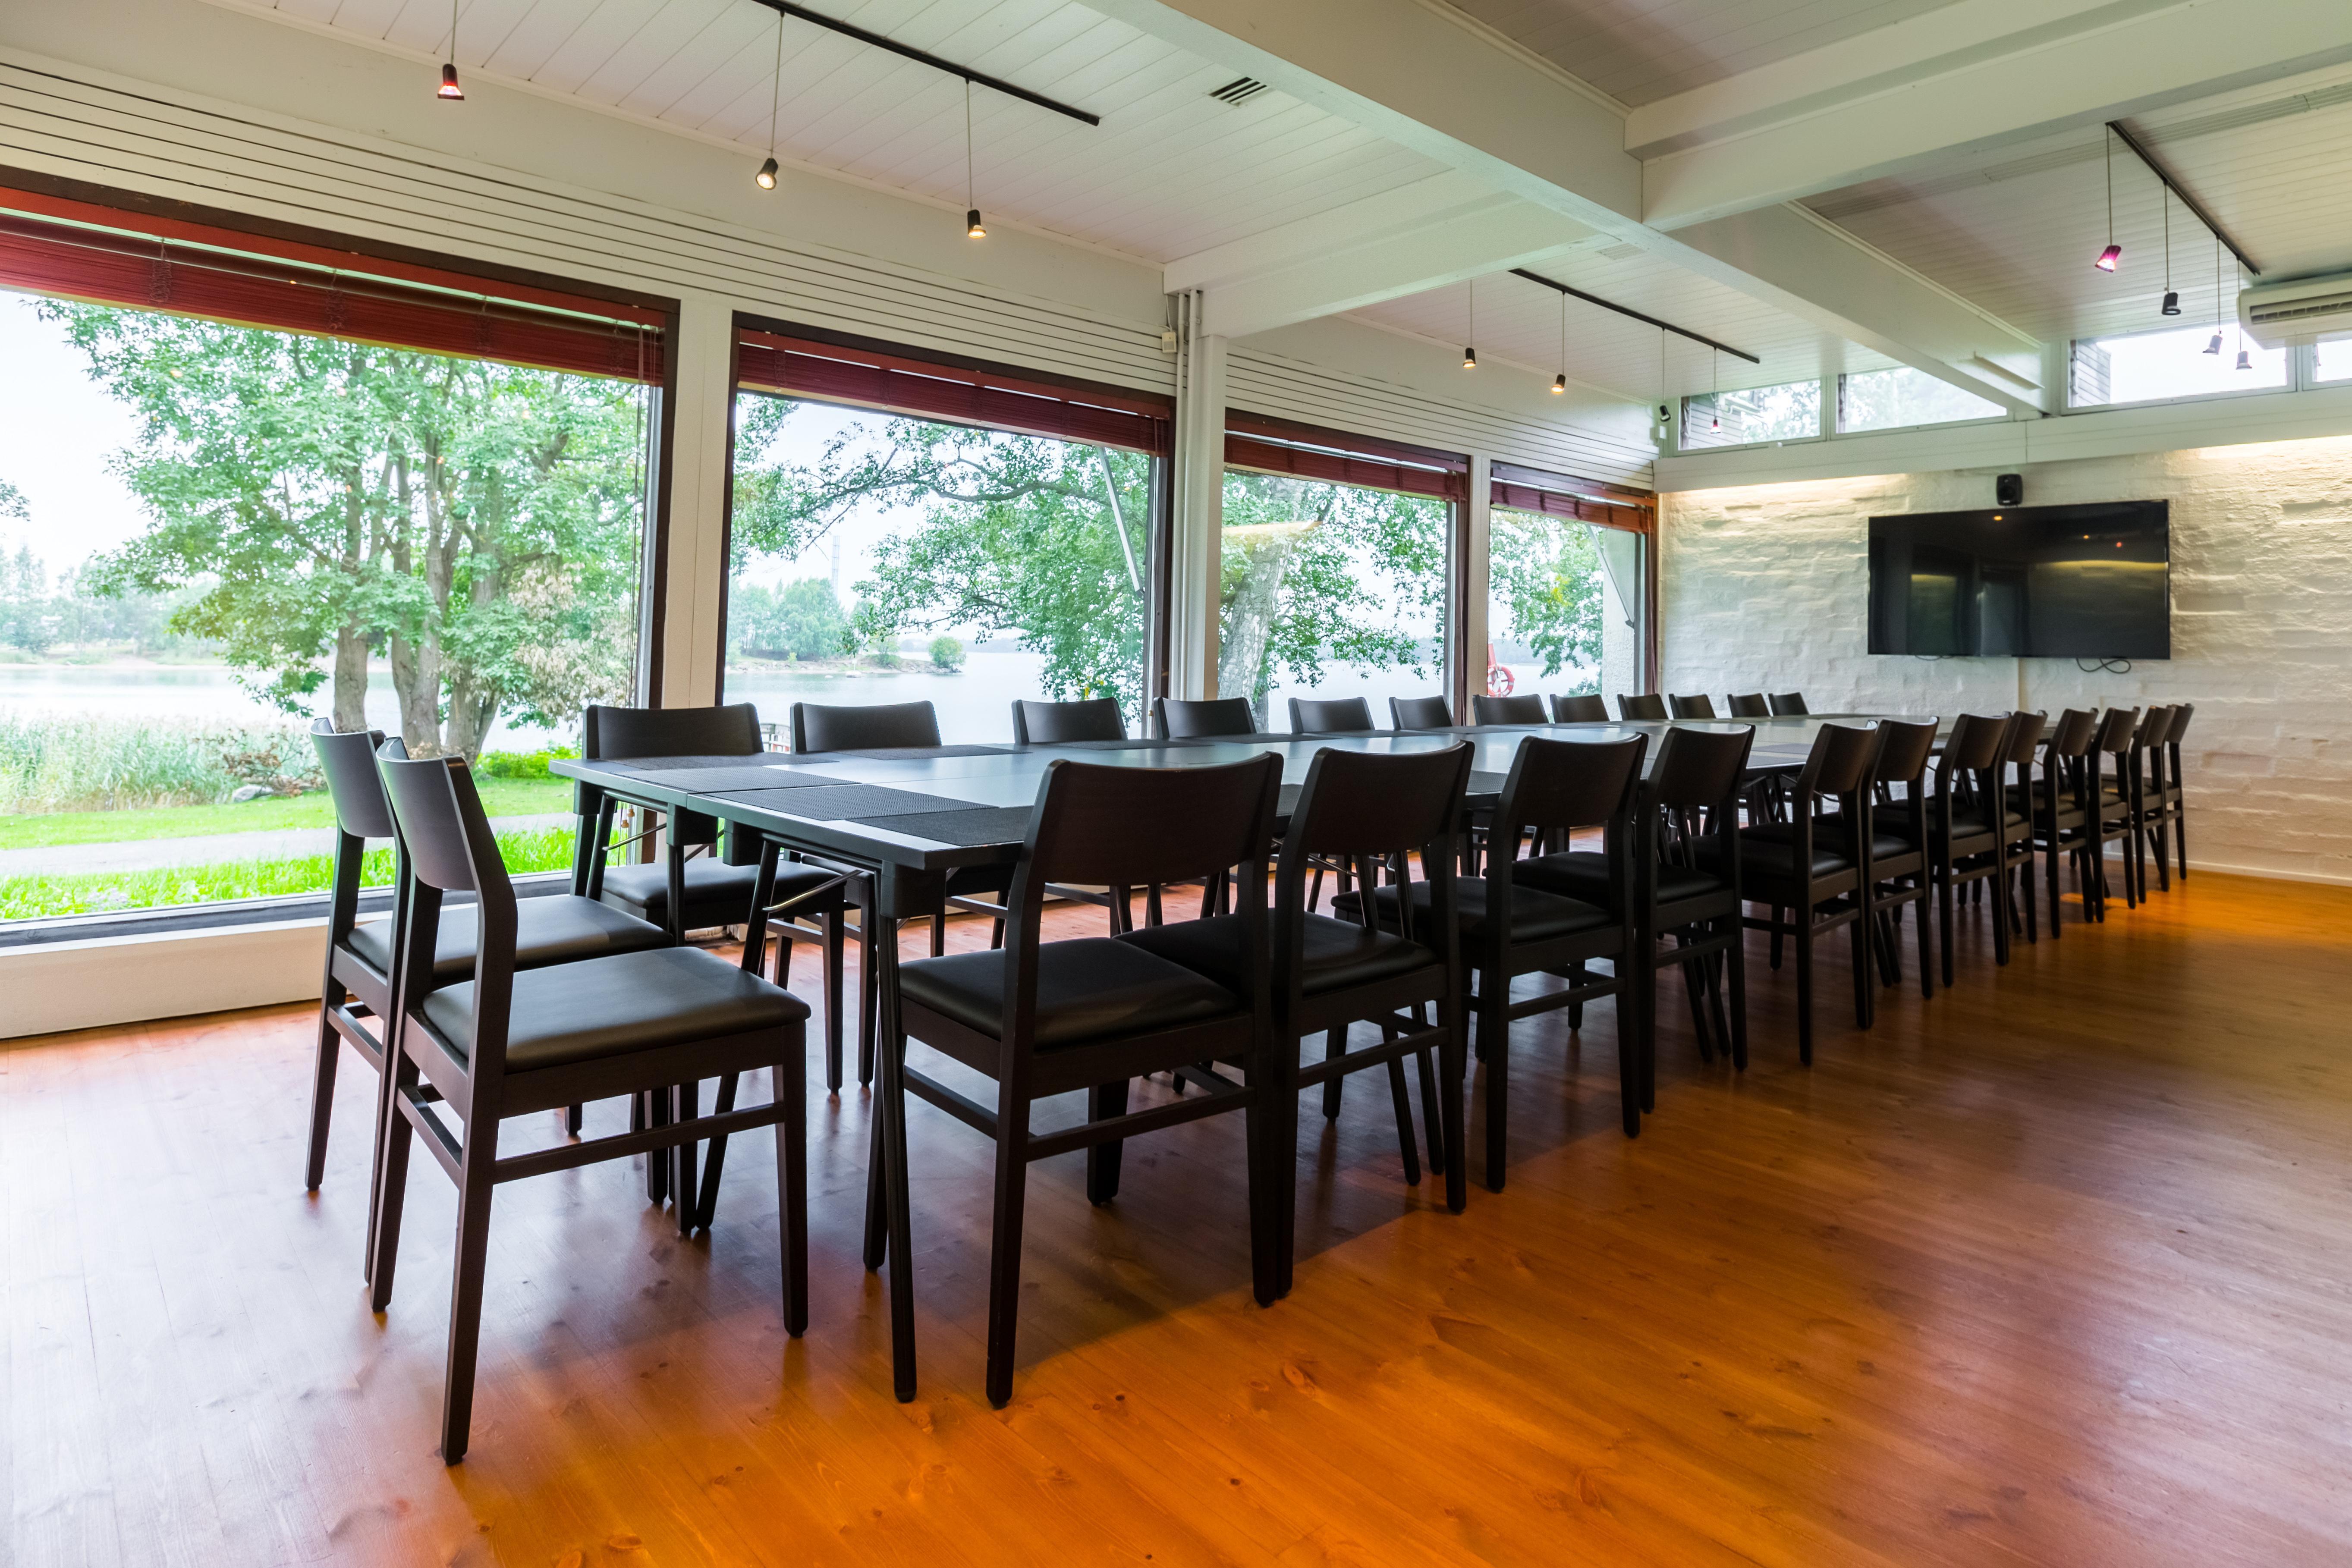 Mestaritalli tarjoaa oivalliset ja muuntuvat tilat kokouksille, unohtamatta maistuvia kokoustarjoiluita